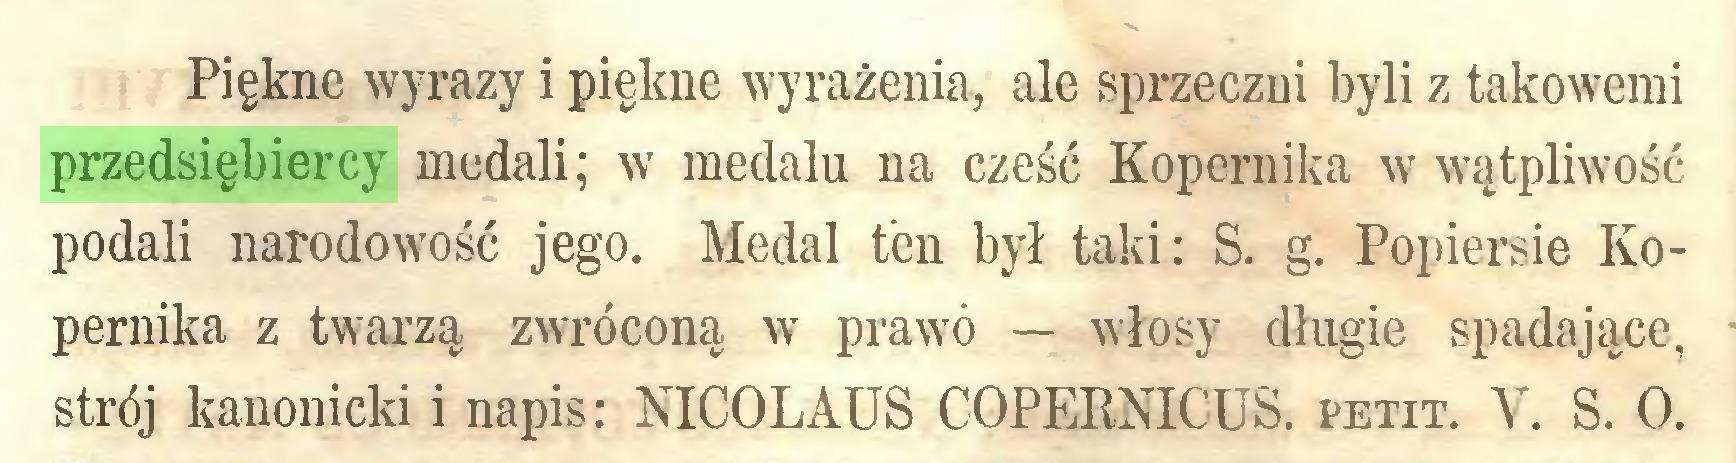 (...) Piękne wyrazy i piękne wyrażenia, ale sprzeczni byli z takowemi przedsiębiercy medali; w medalu na cześć Kopernika w wątpliwość podali narodowość jego. Medal ten był taki: S. g. Popiersie Kopernika z twarzą zwróconą w prawo — włosy długie spadające, strój kanonicki i napis: NICOLAUS COPERNICUS, petit. V. S. O...